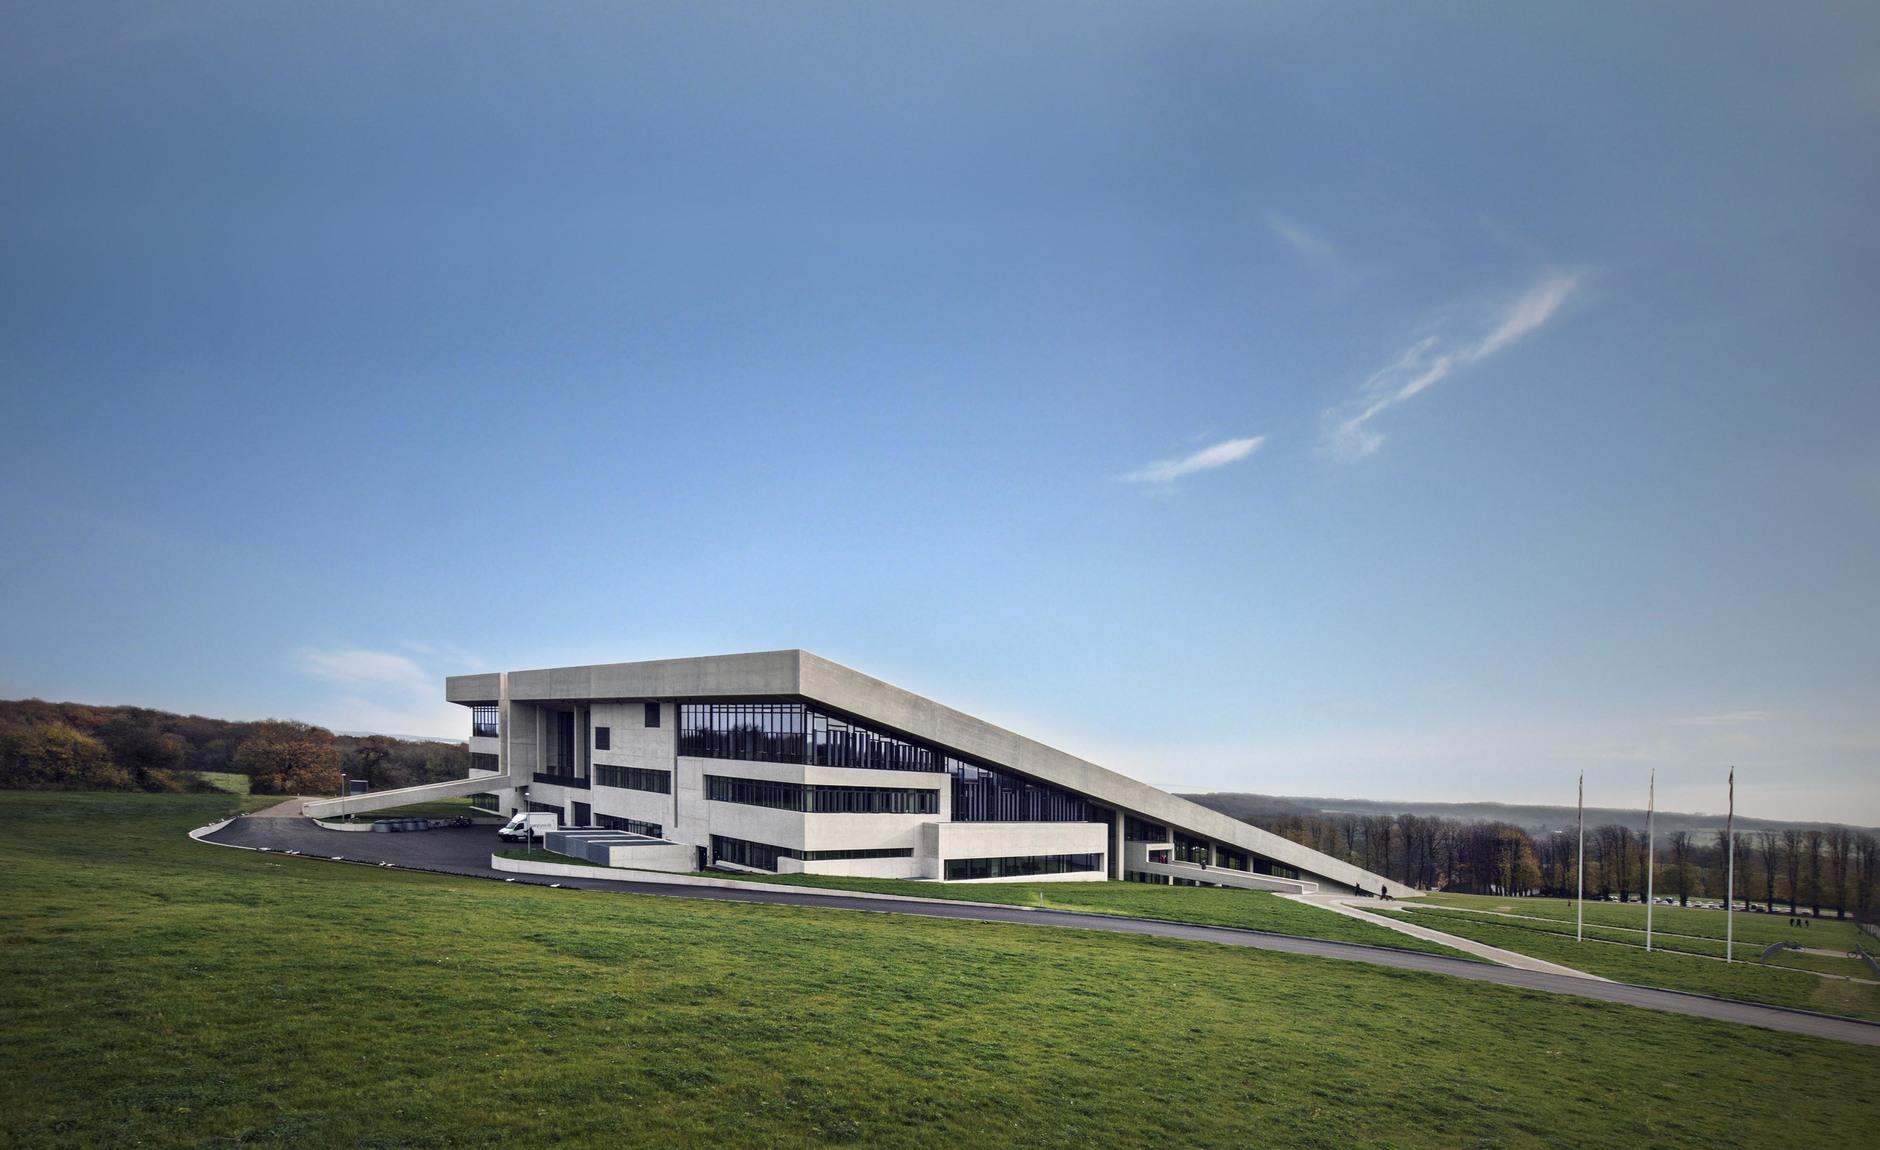 Пятый фасад: зеленые крыши (галерея 19, фото 2)